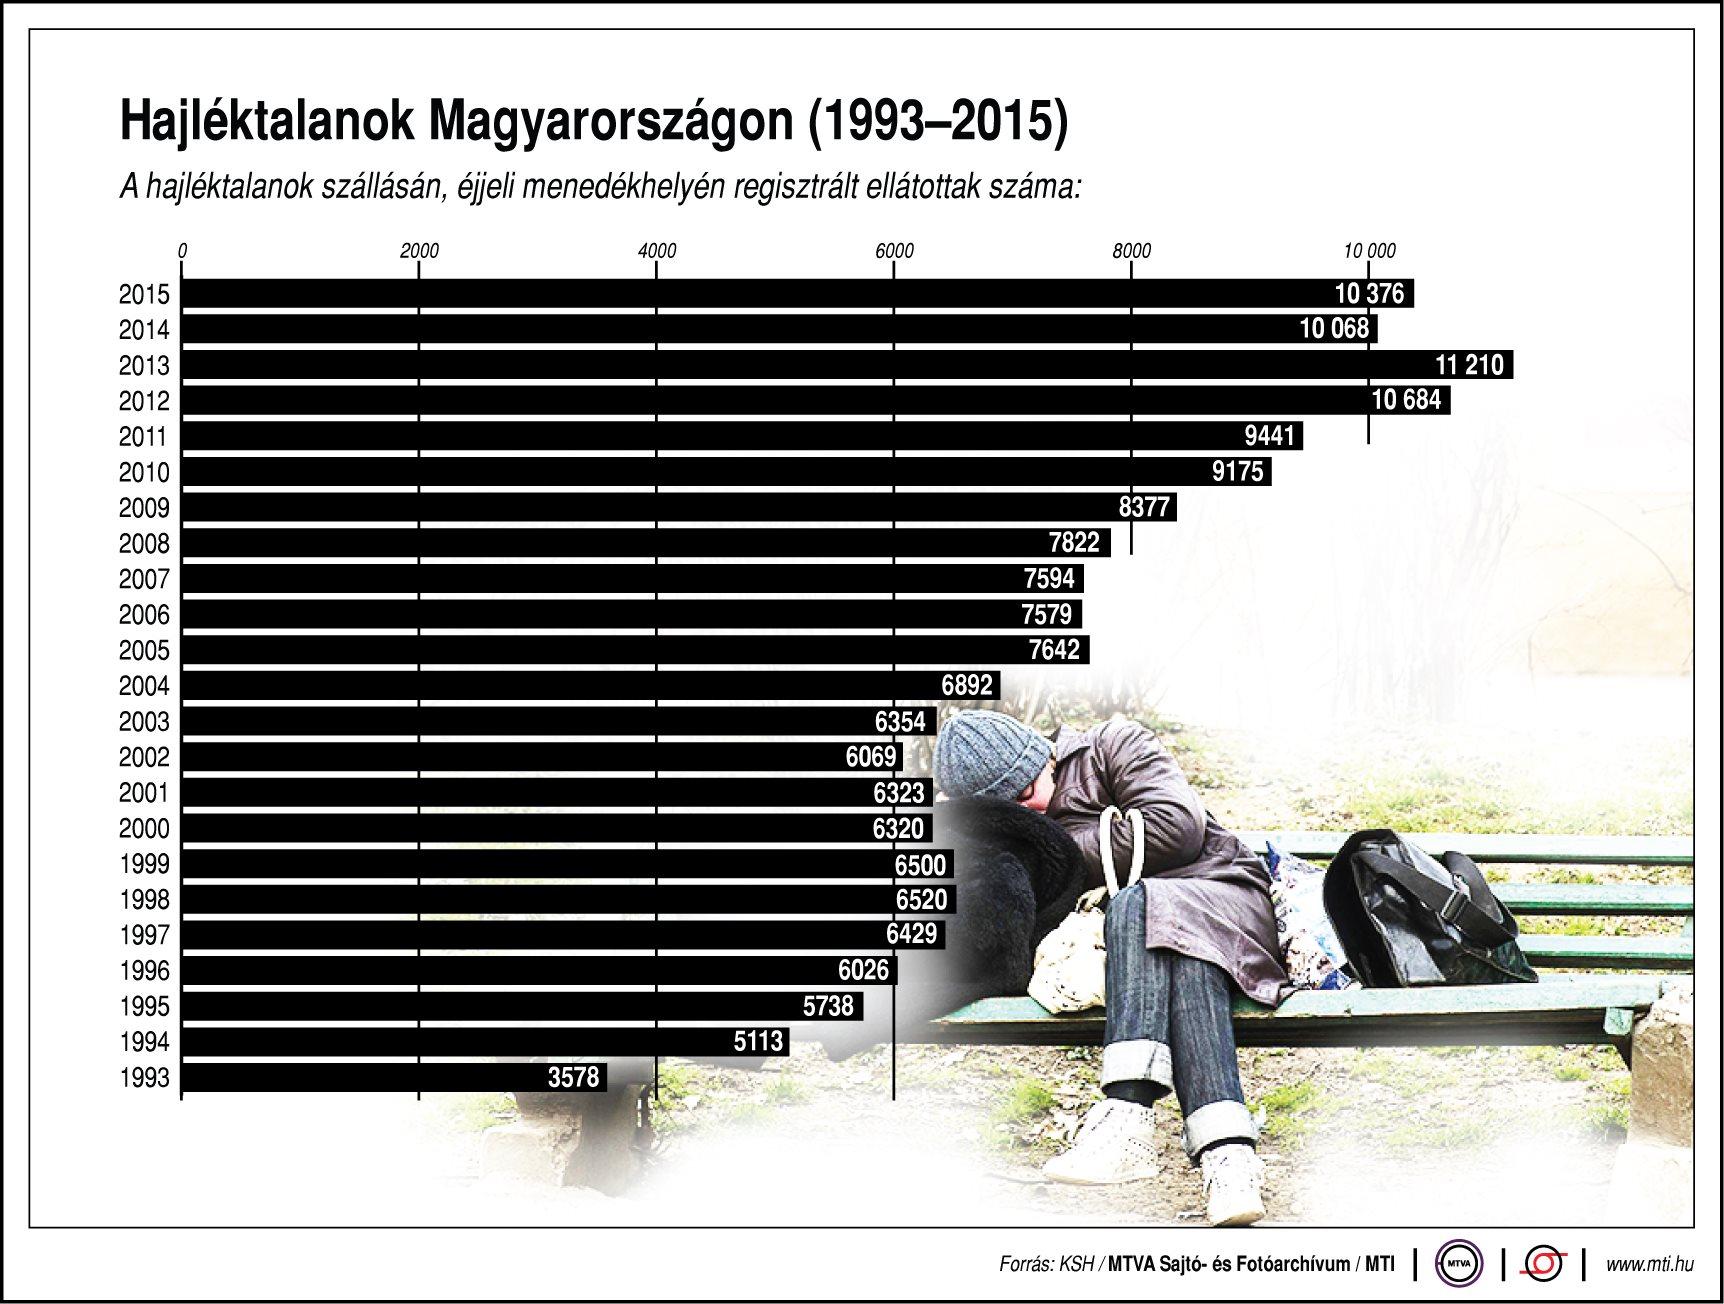 Ennyi hajléktalan van Magyarországon - ábra